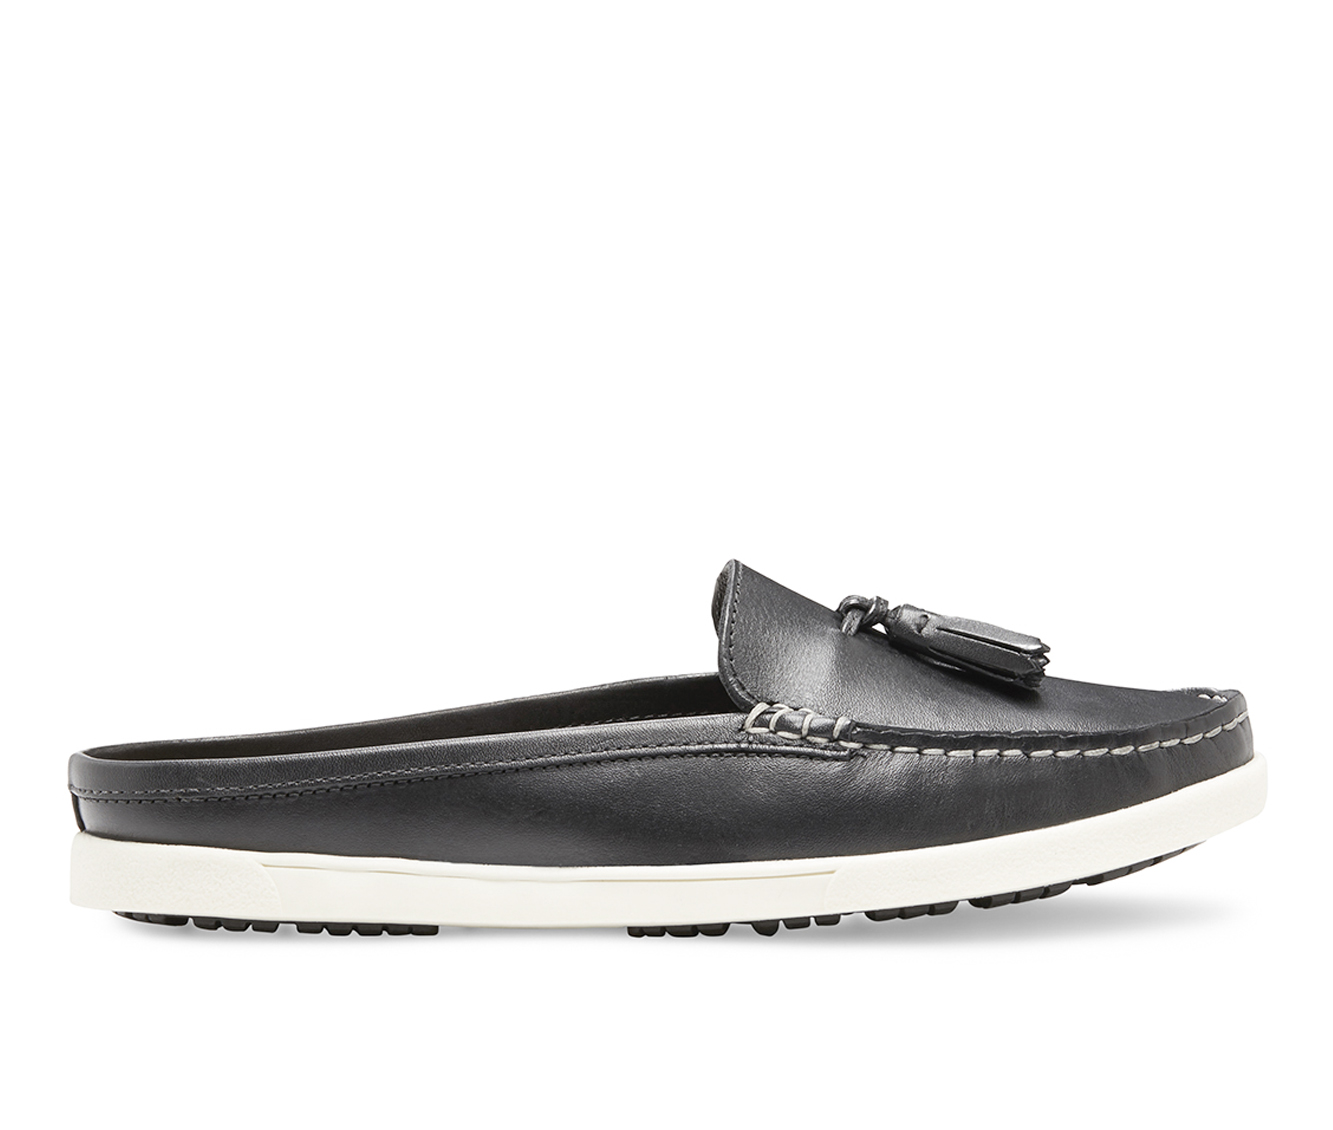 Eastland Mandy Women's Shoe (Black Leather)